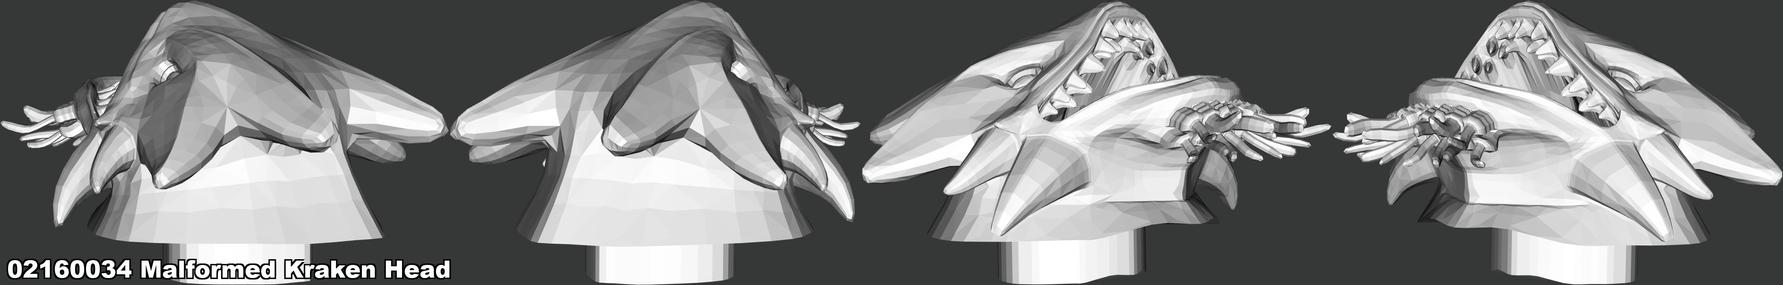 02160034 Malformed Kraken Head.png